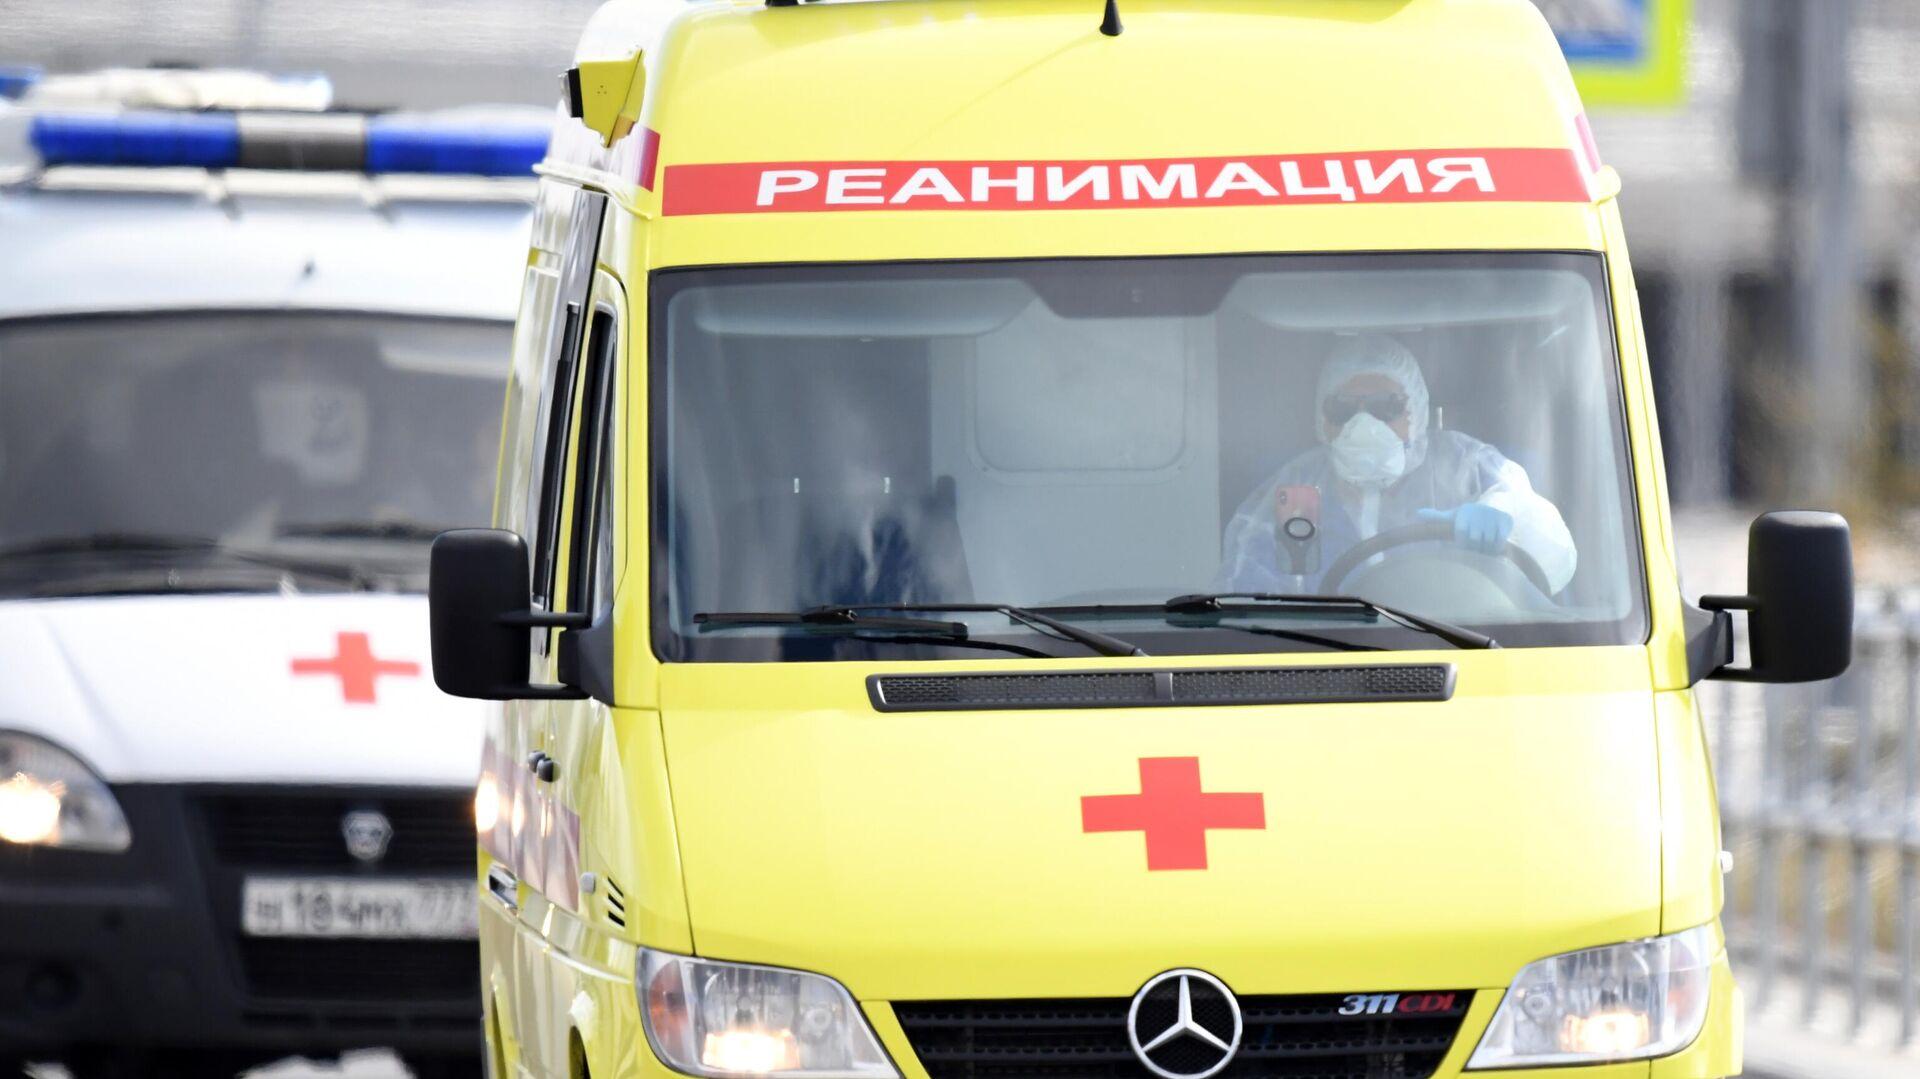 Машина скорой медицинской помощи возле карантинного центра в Коммунарке - РИА Новости, 1920, 28.10.2020